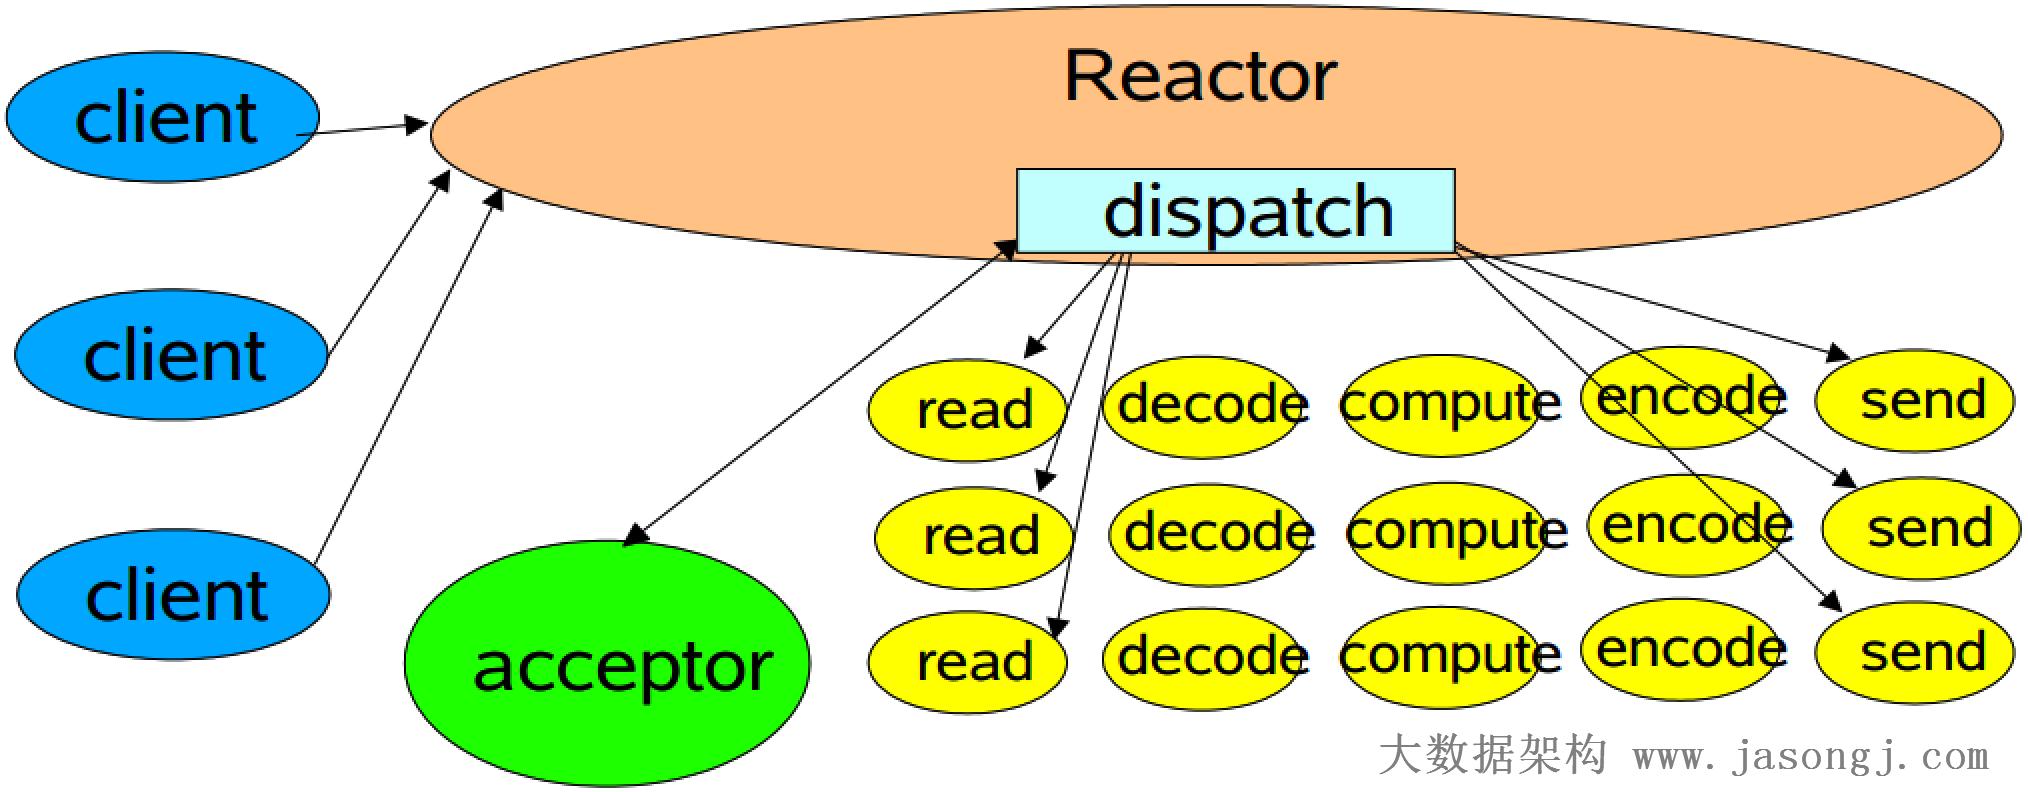 精典Reactor